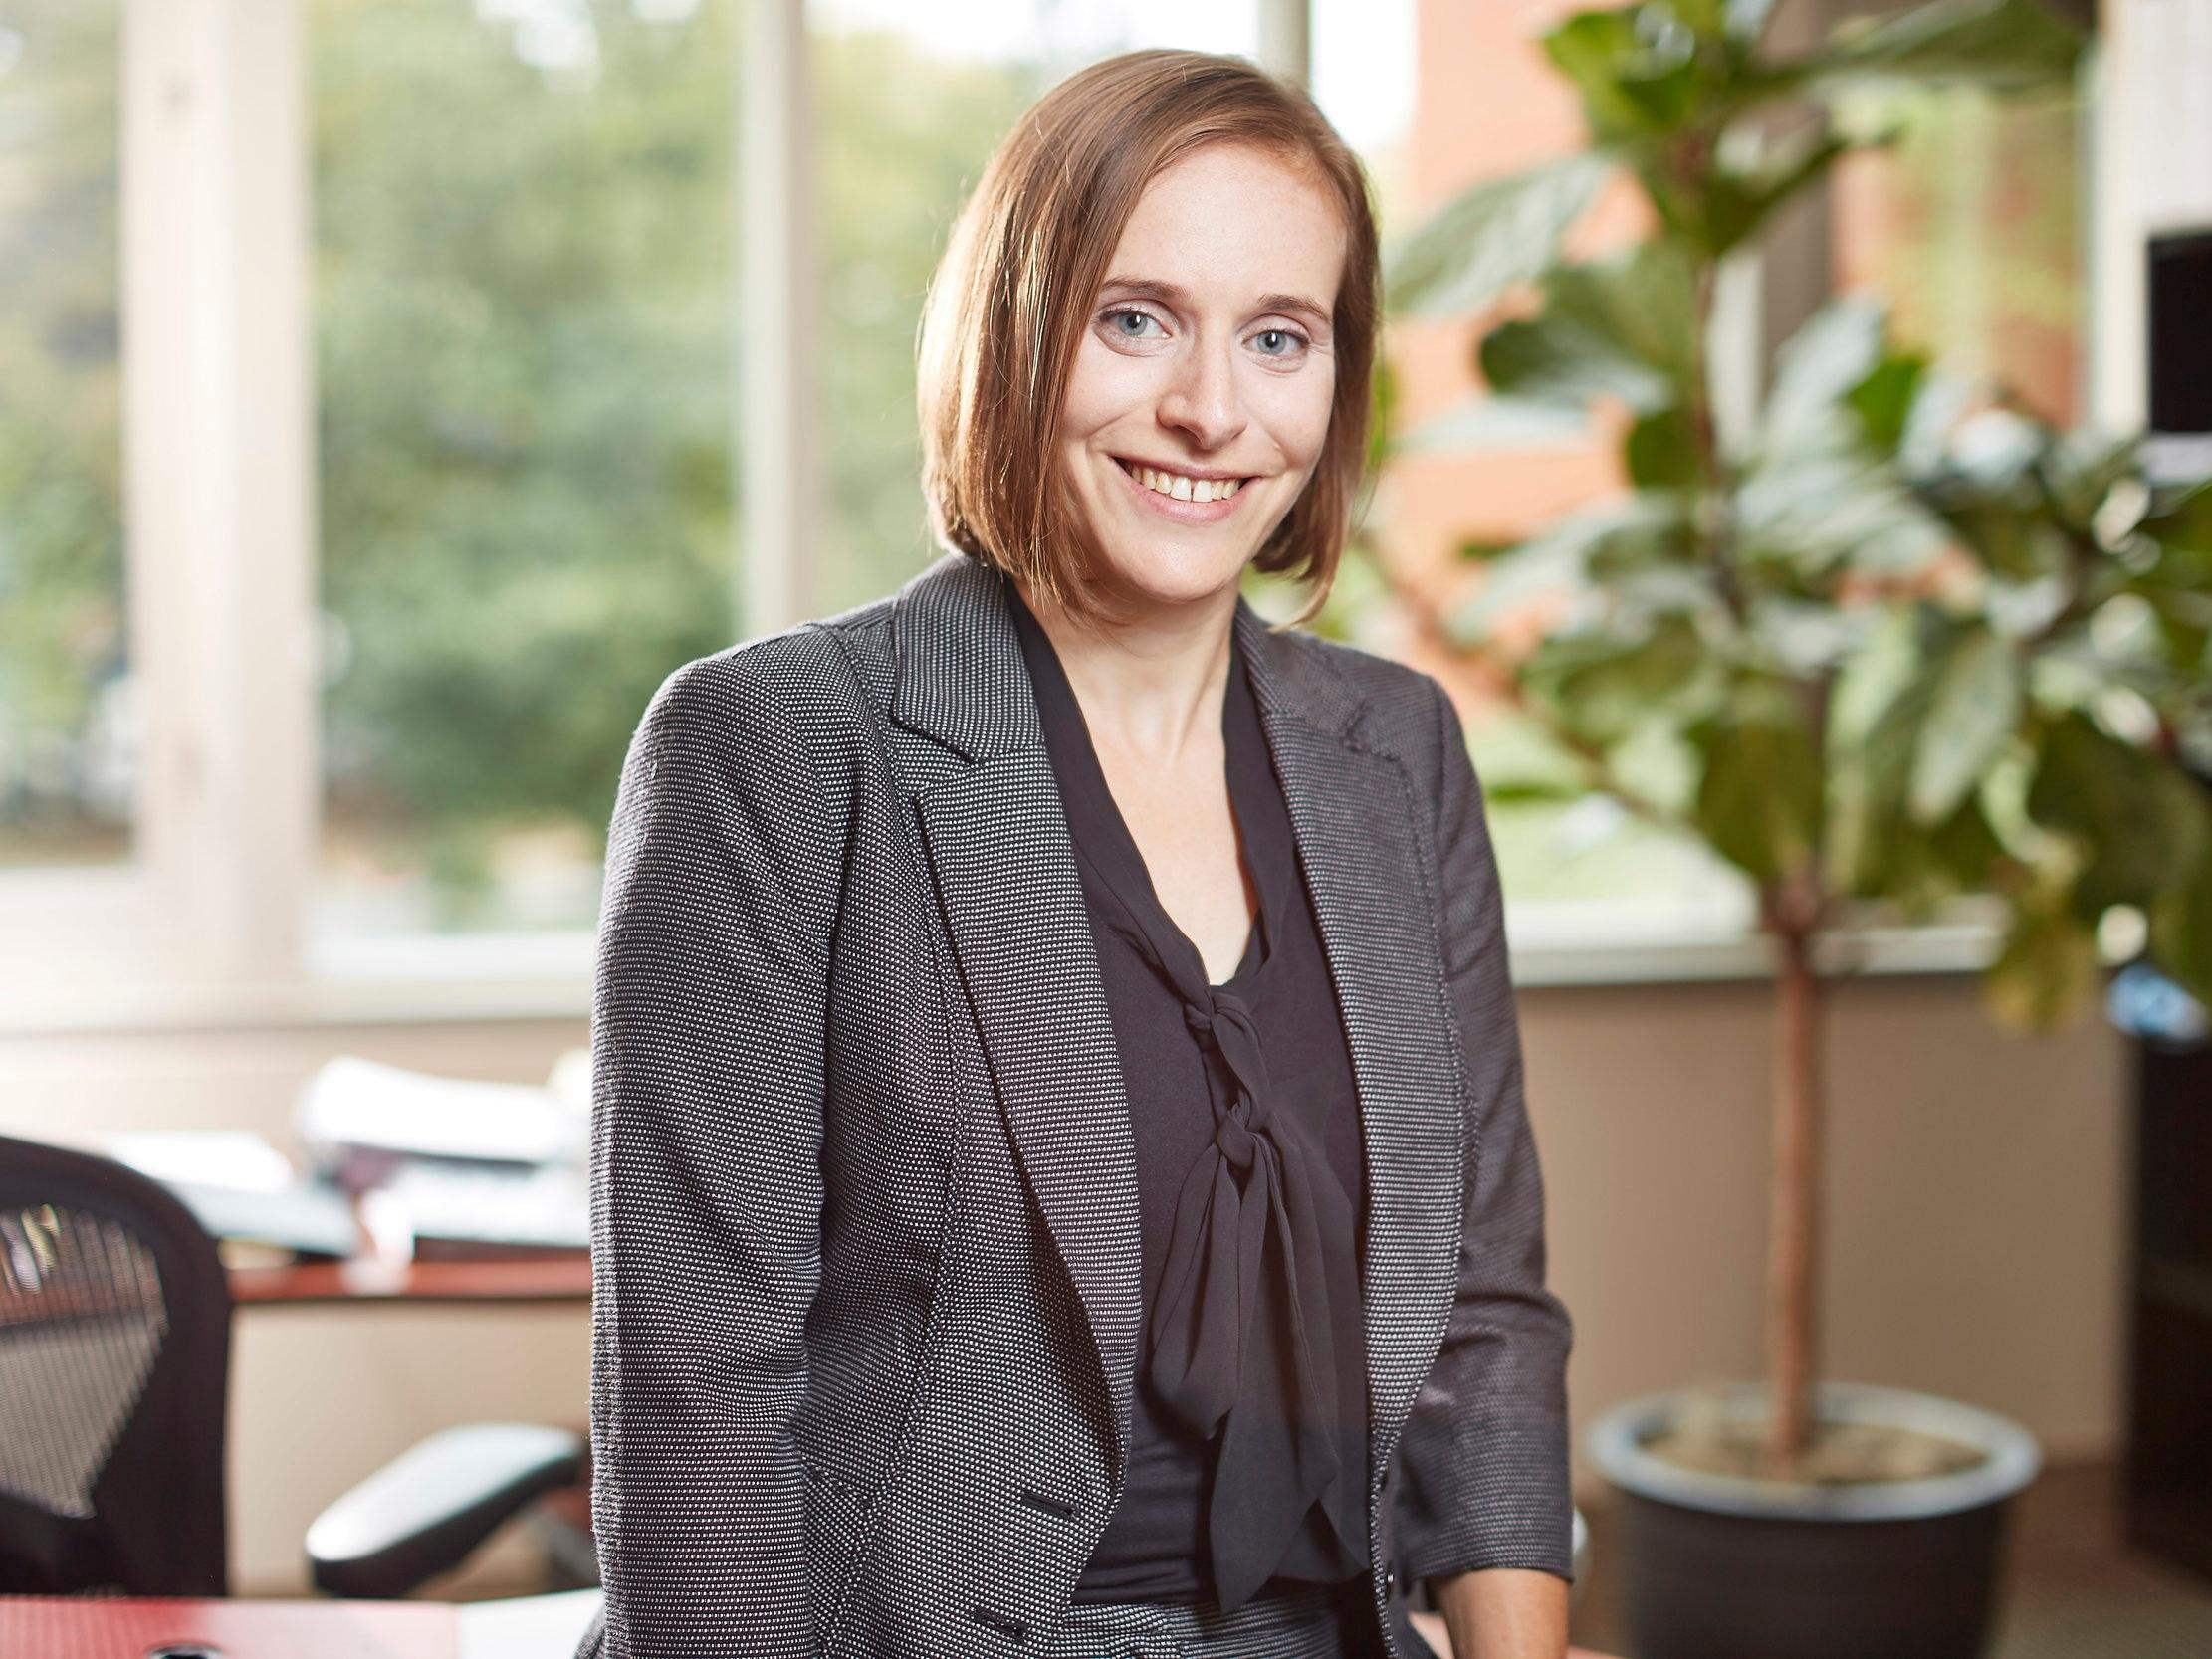 Lauren Rogal - Assistant Clinical Professor Vanderbilt University Law School